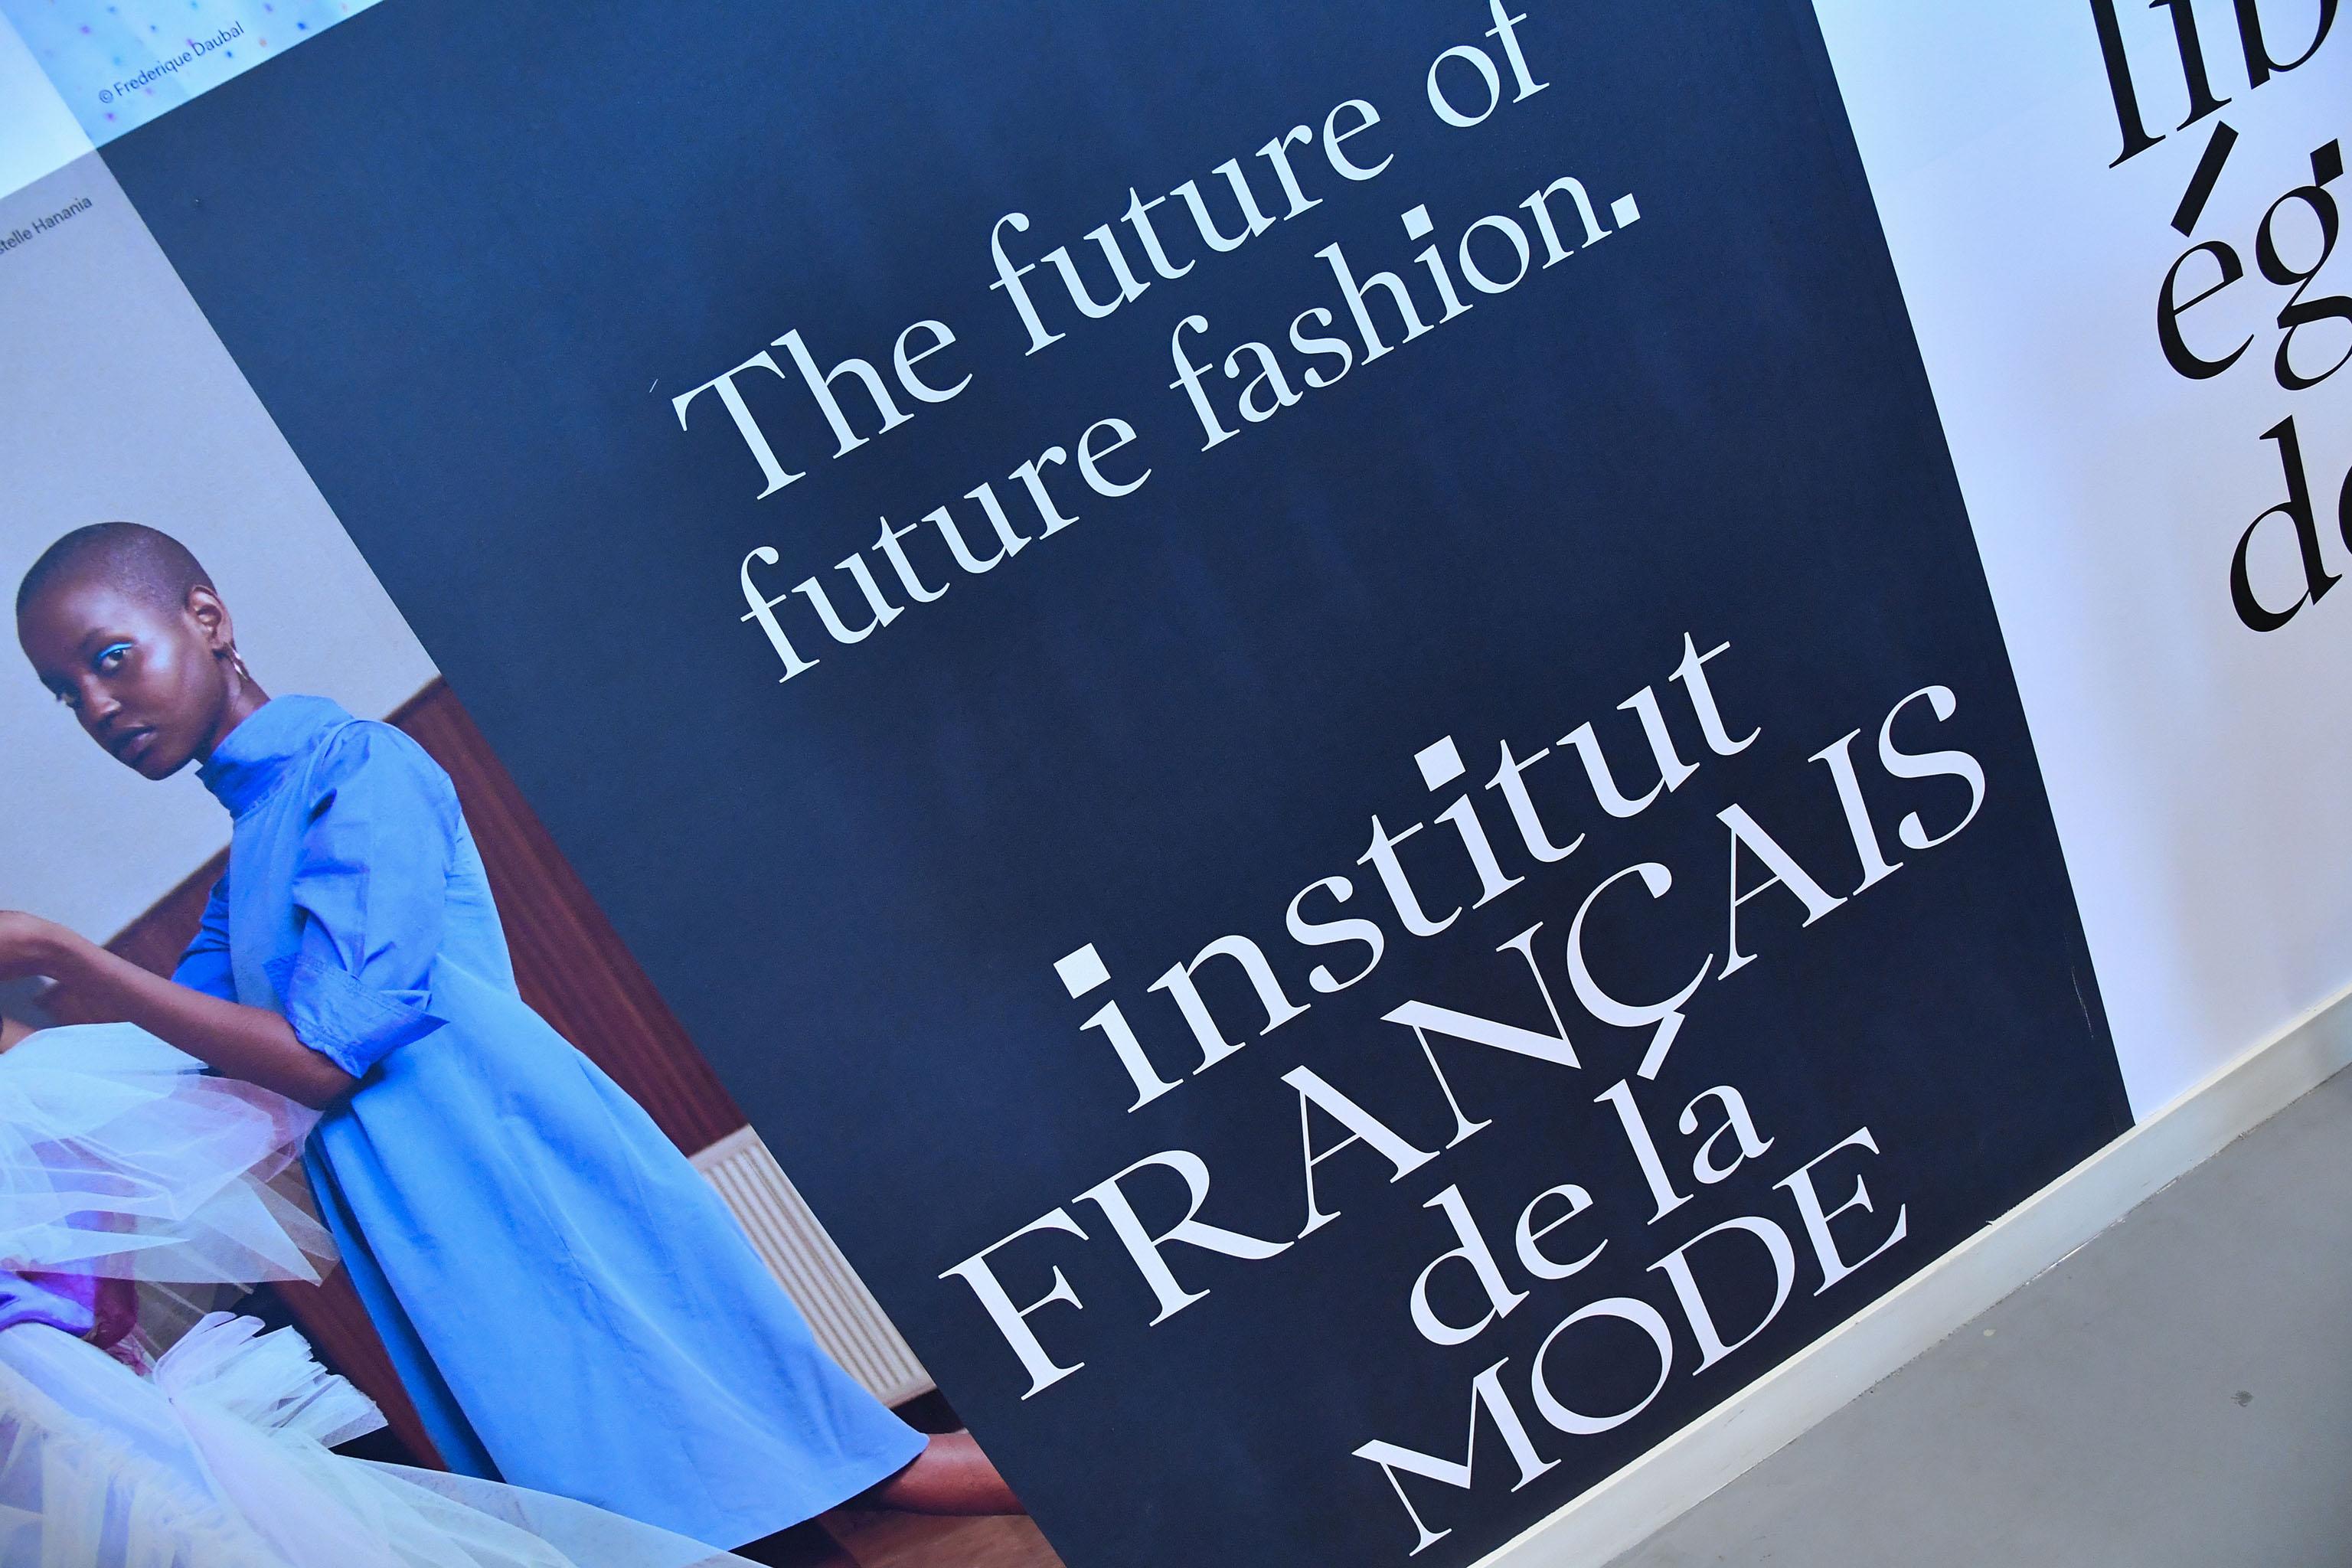 The new logo of the Institut Français de la Mode